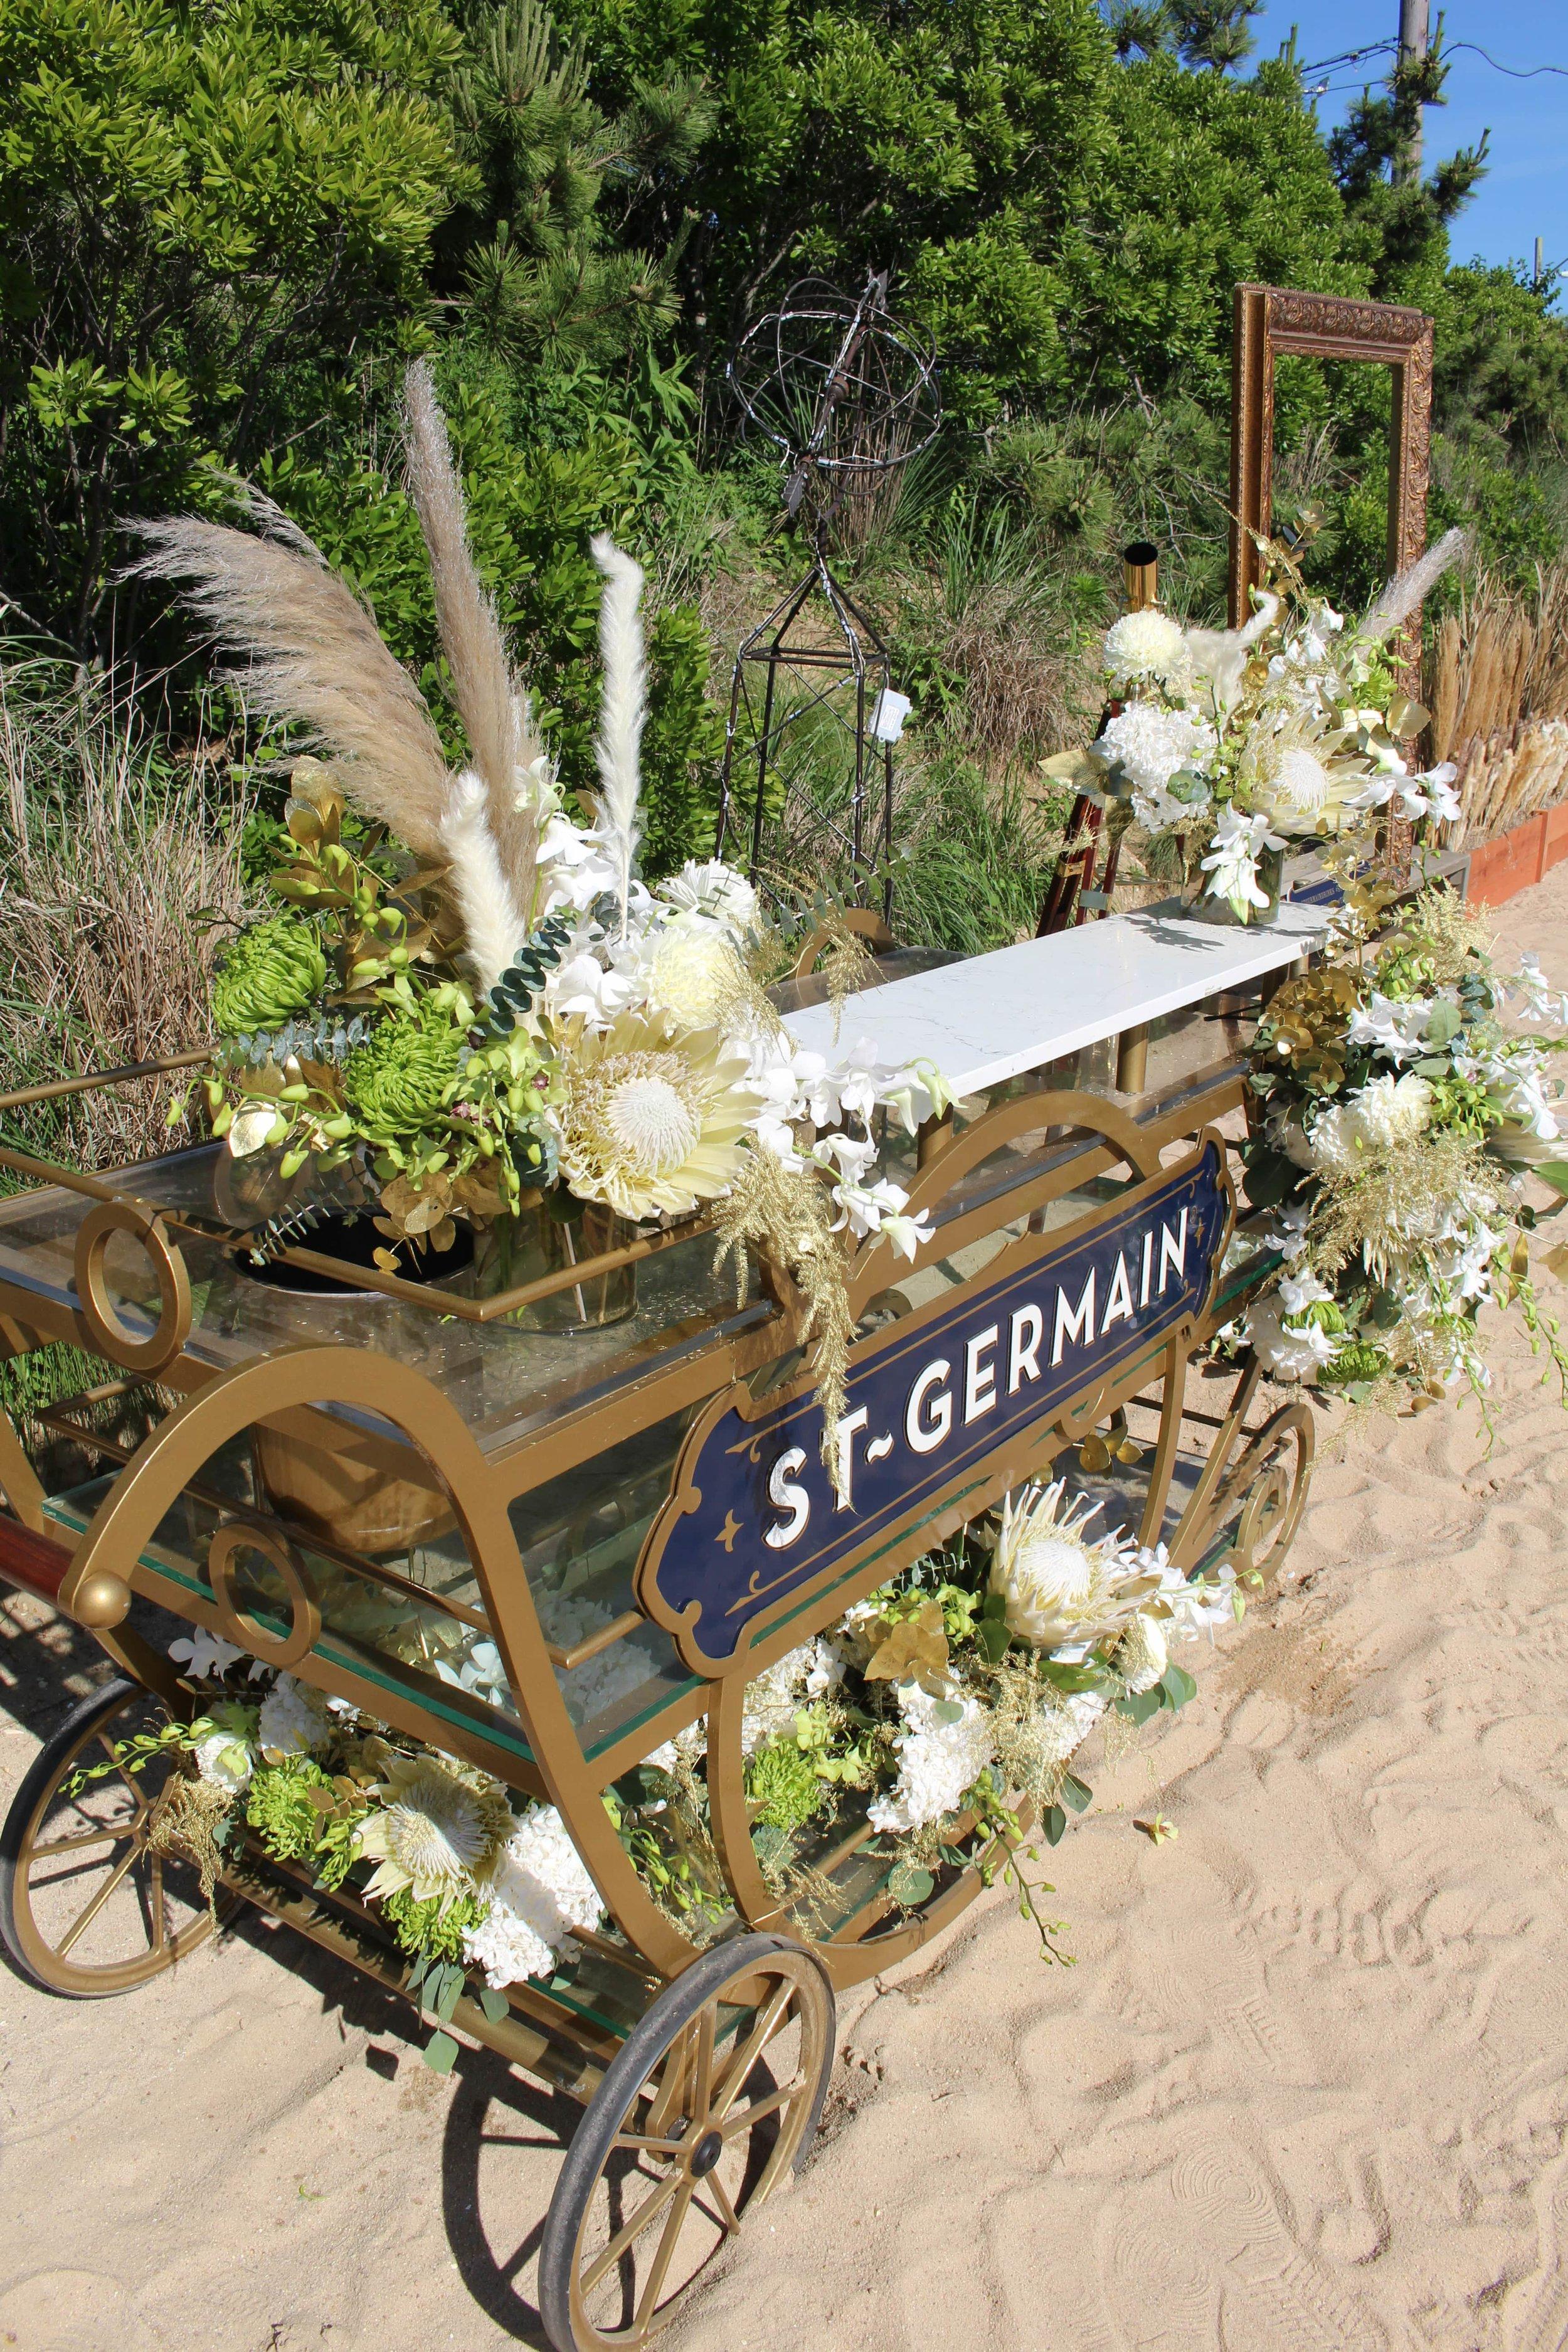 St-Germain Branded Cart